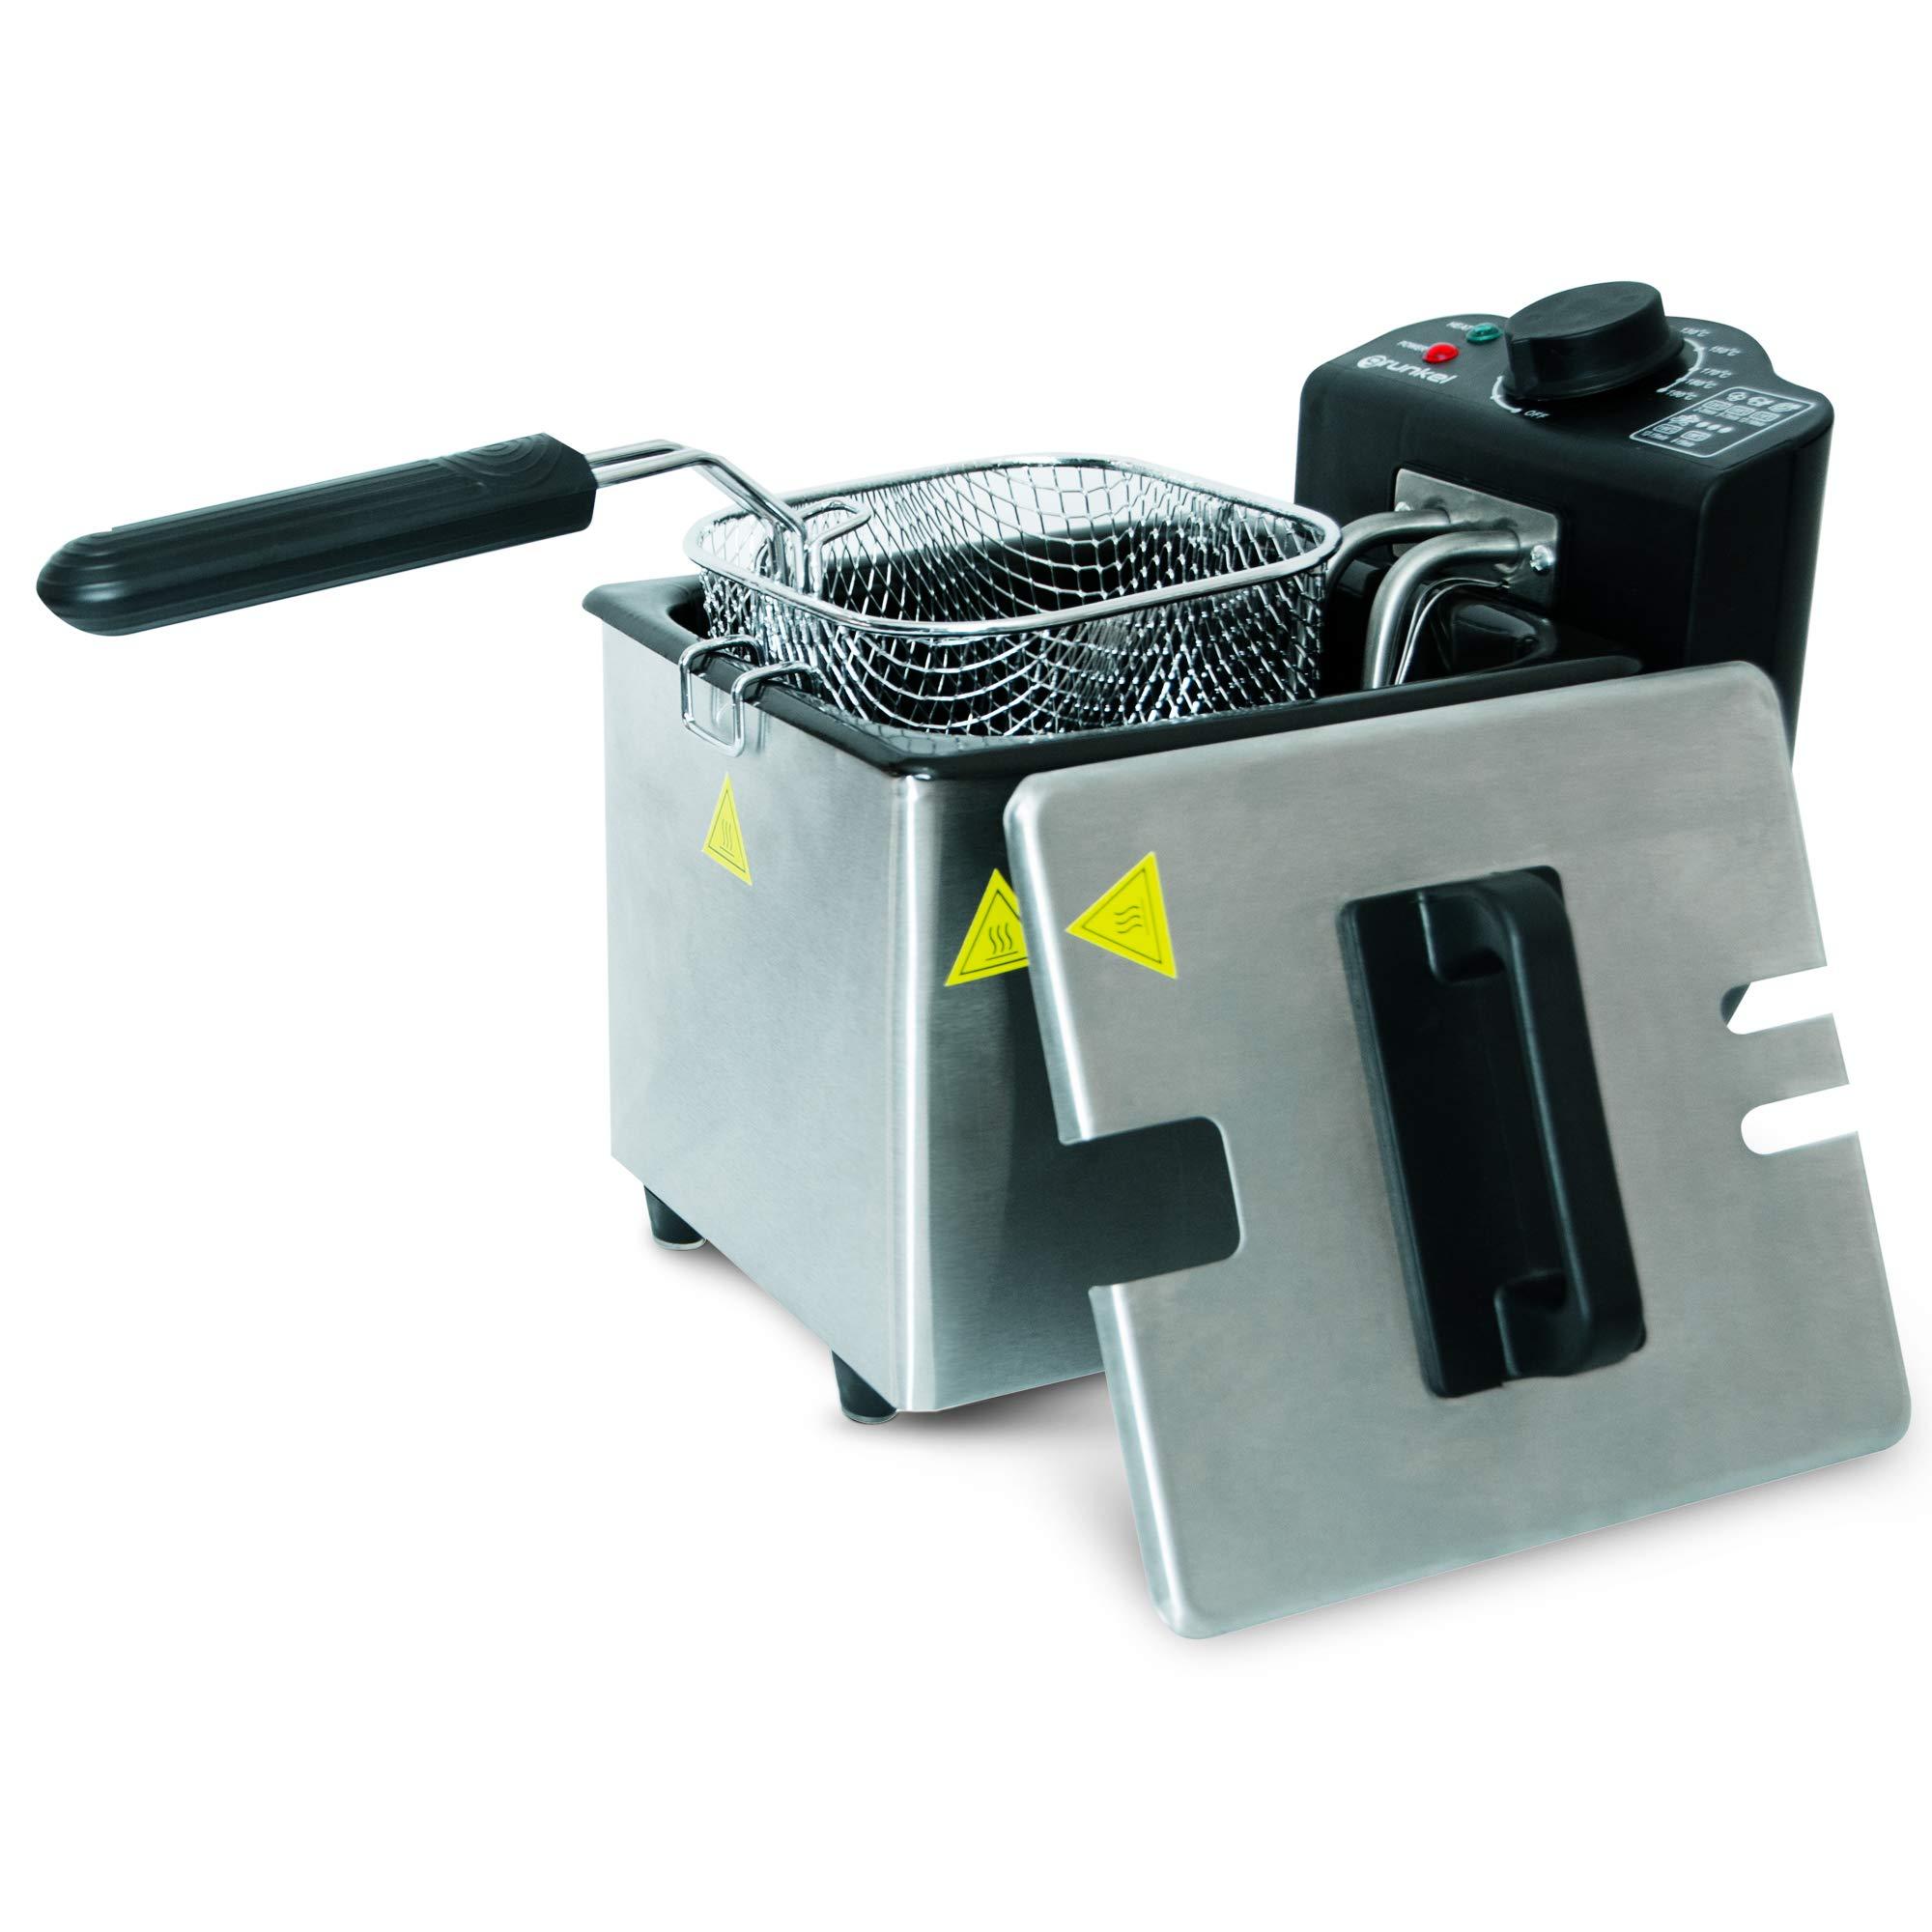 Grunkel - FR-15 DMT - Freidora eléctrica 1,5 litros de Capacidad. Temperatura Ajustable y Filtro antiolores - 1000W - Acero Inoxidable: Amazon.es: Hogar